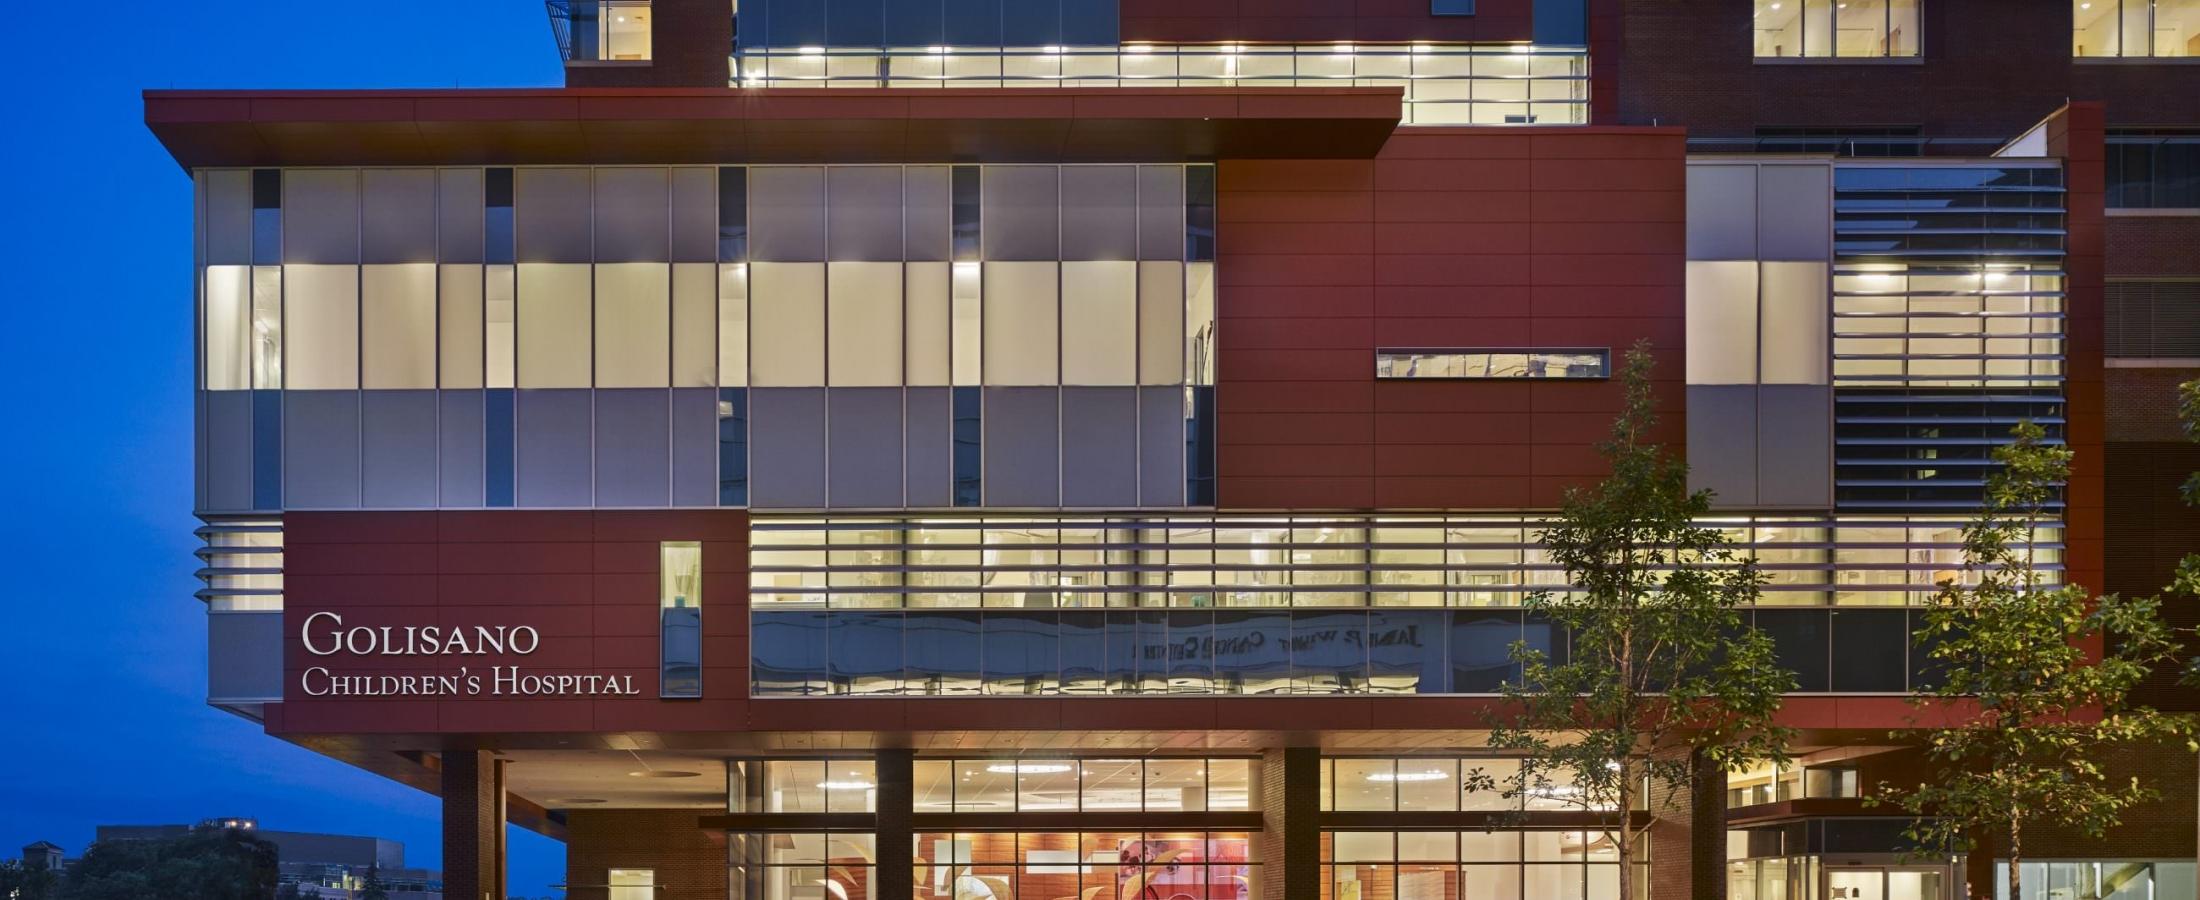 Cladding Corp Golisano Children's Hospital Swisspearl Fiber Cement Rainscreen Facade